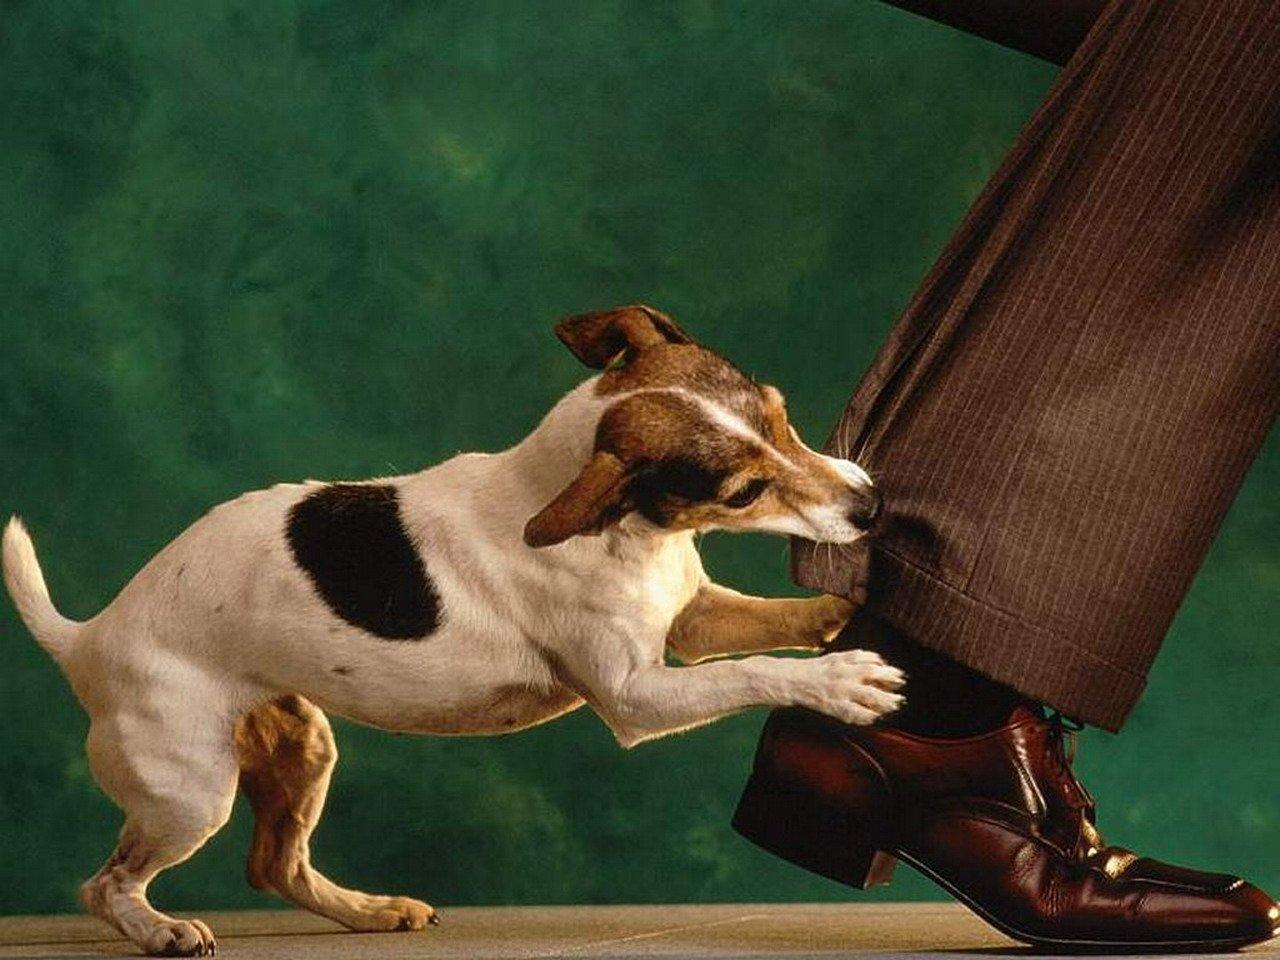 мозг Если покусала собака какую ответственность несет хозяин много работы